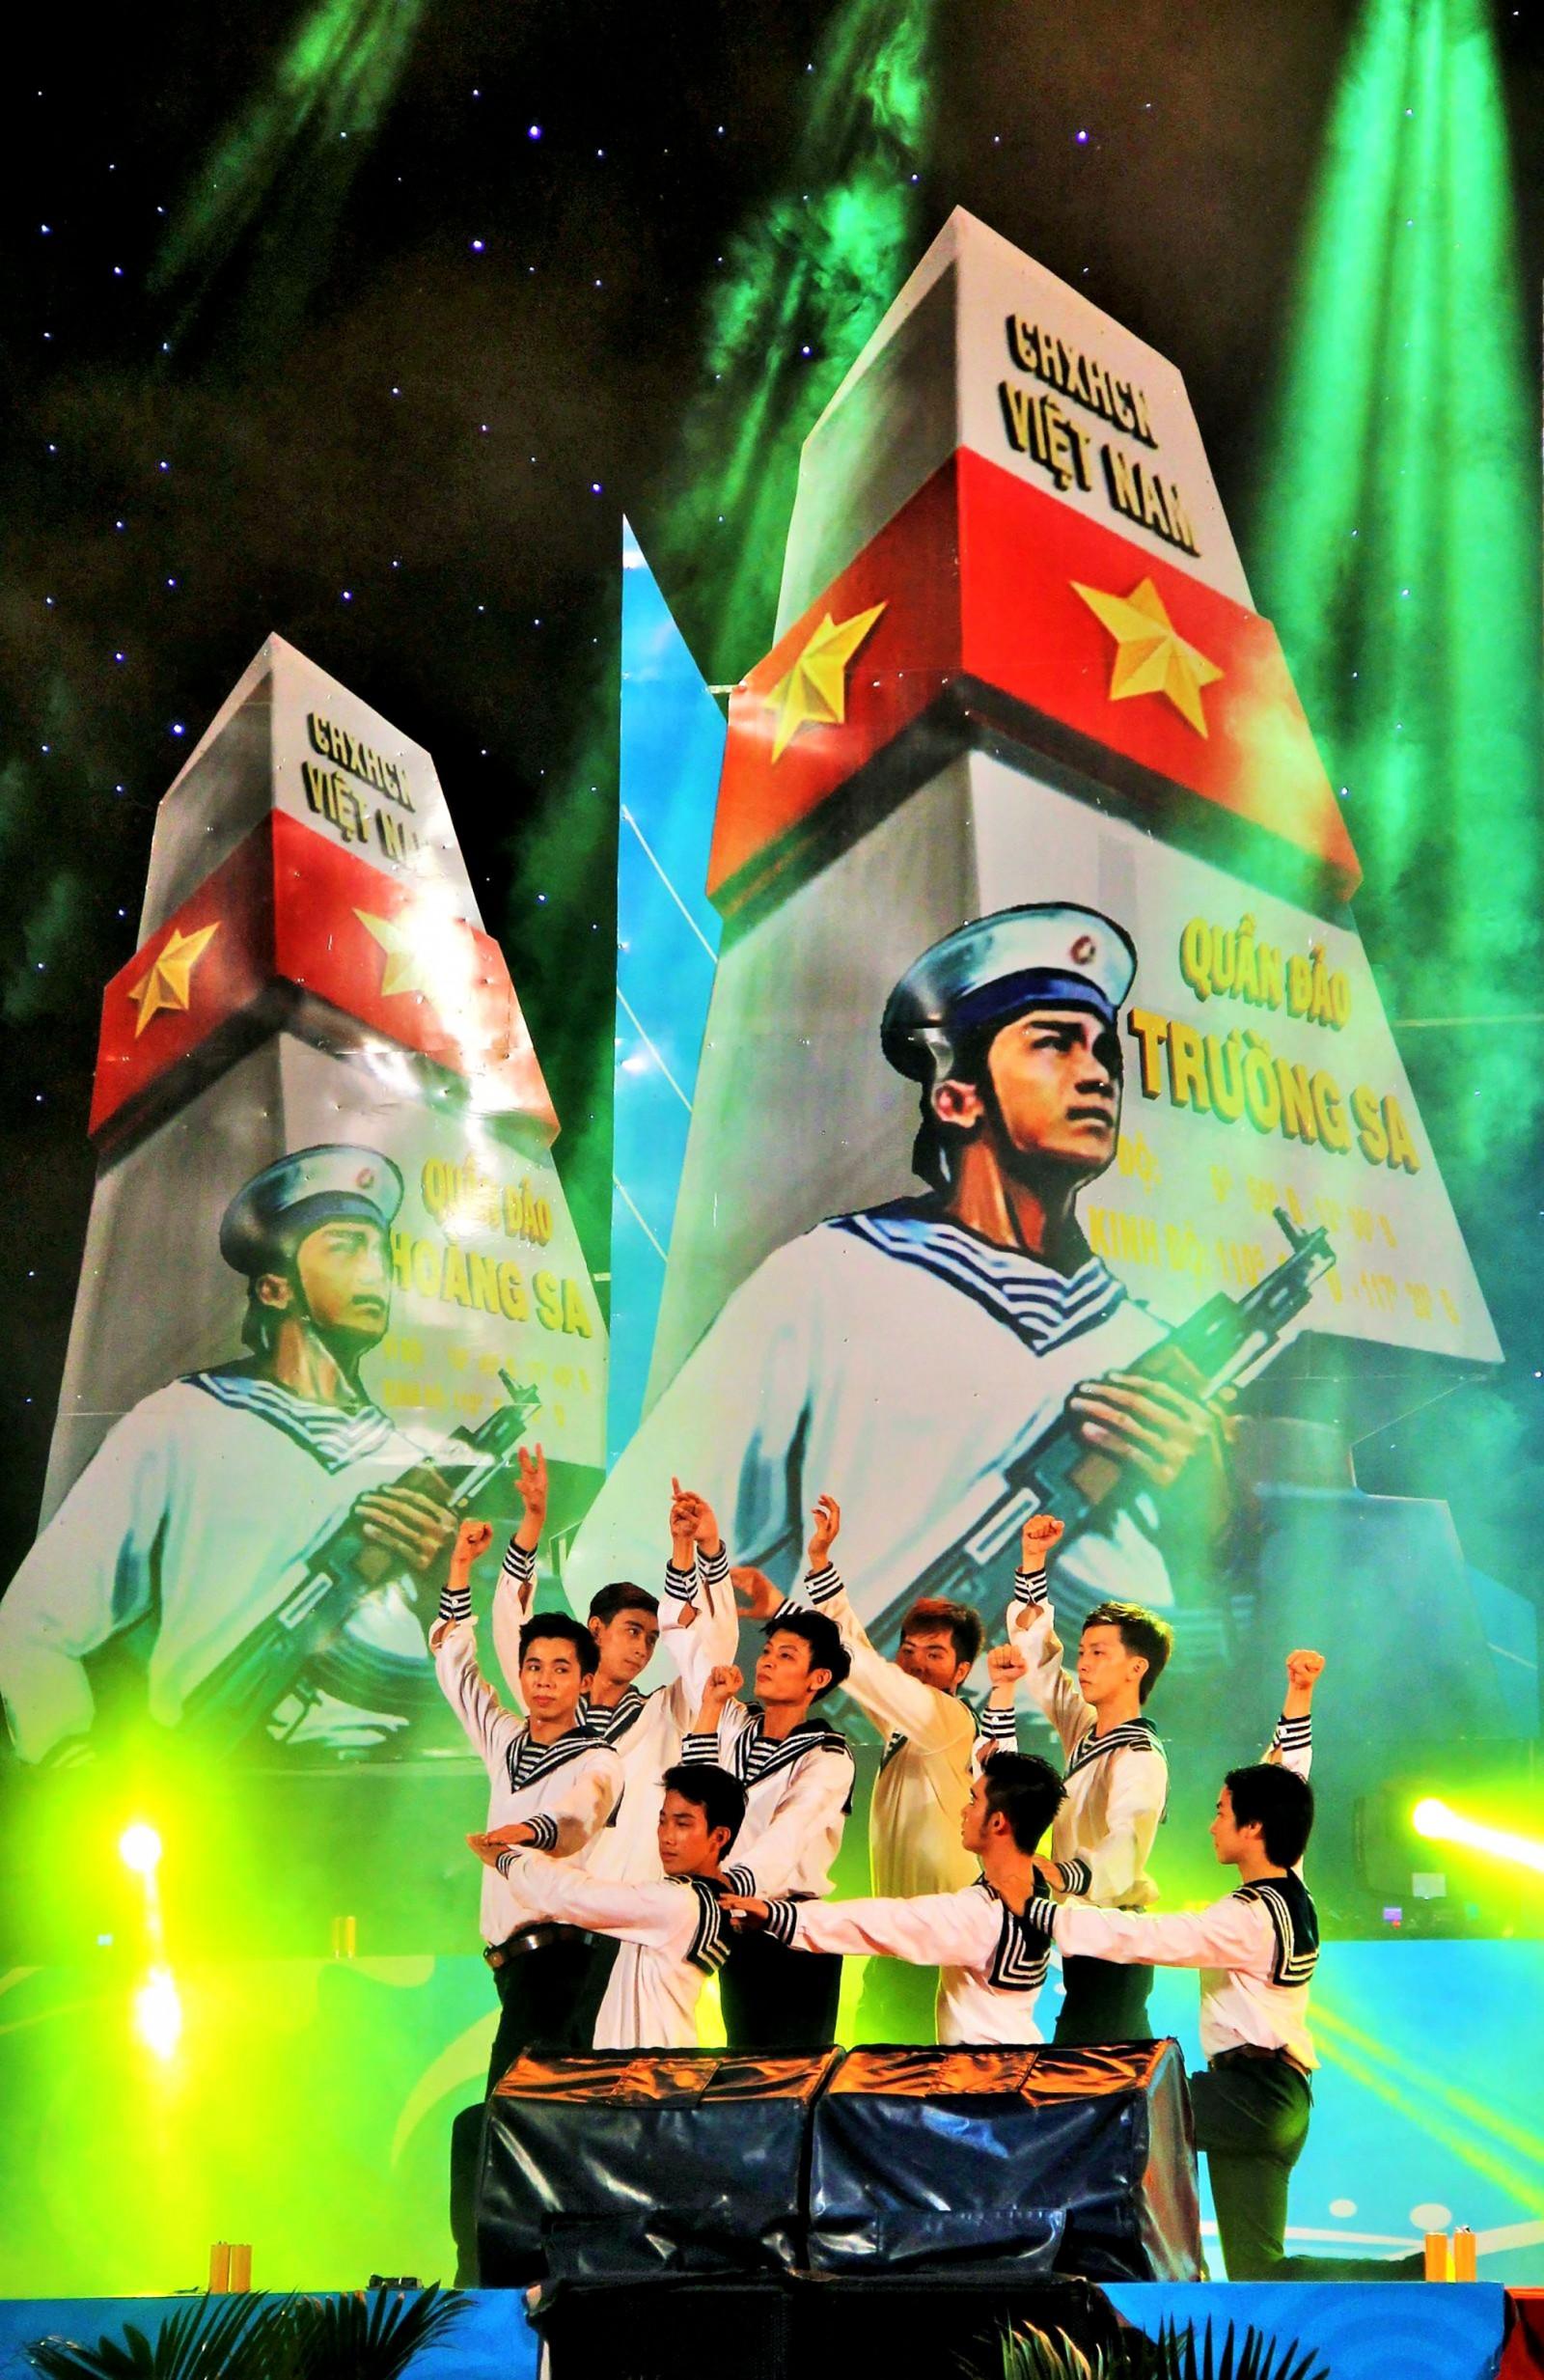 Nghệ sĩ Cần Thơ trong một tiết mục nghệ thuật về biển đảo Việt Nam. Ảnh: ĐĂNG HUỲNH